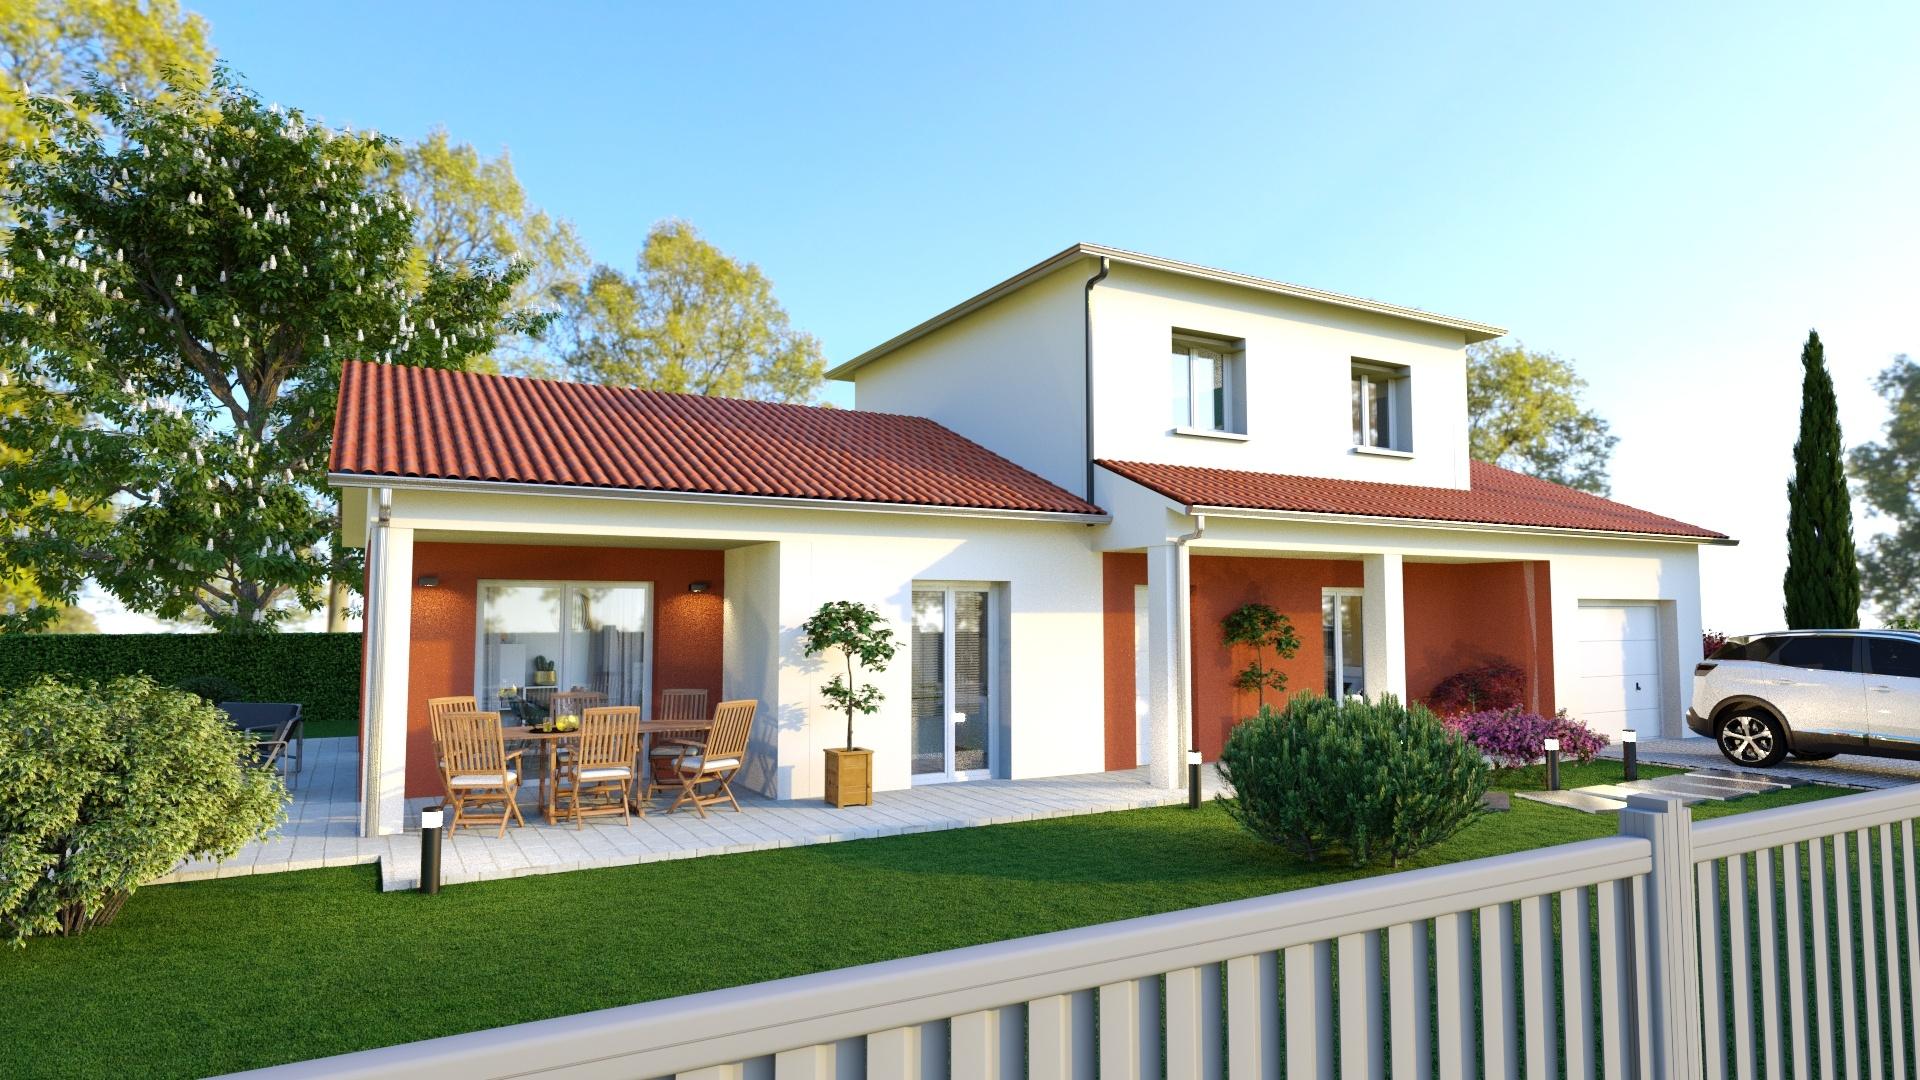 Maisons + Terrains du constructeur MAISONS D EN FRANCE - MONISTROL SUR LOIRE • 120 m² • RETOURNAC